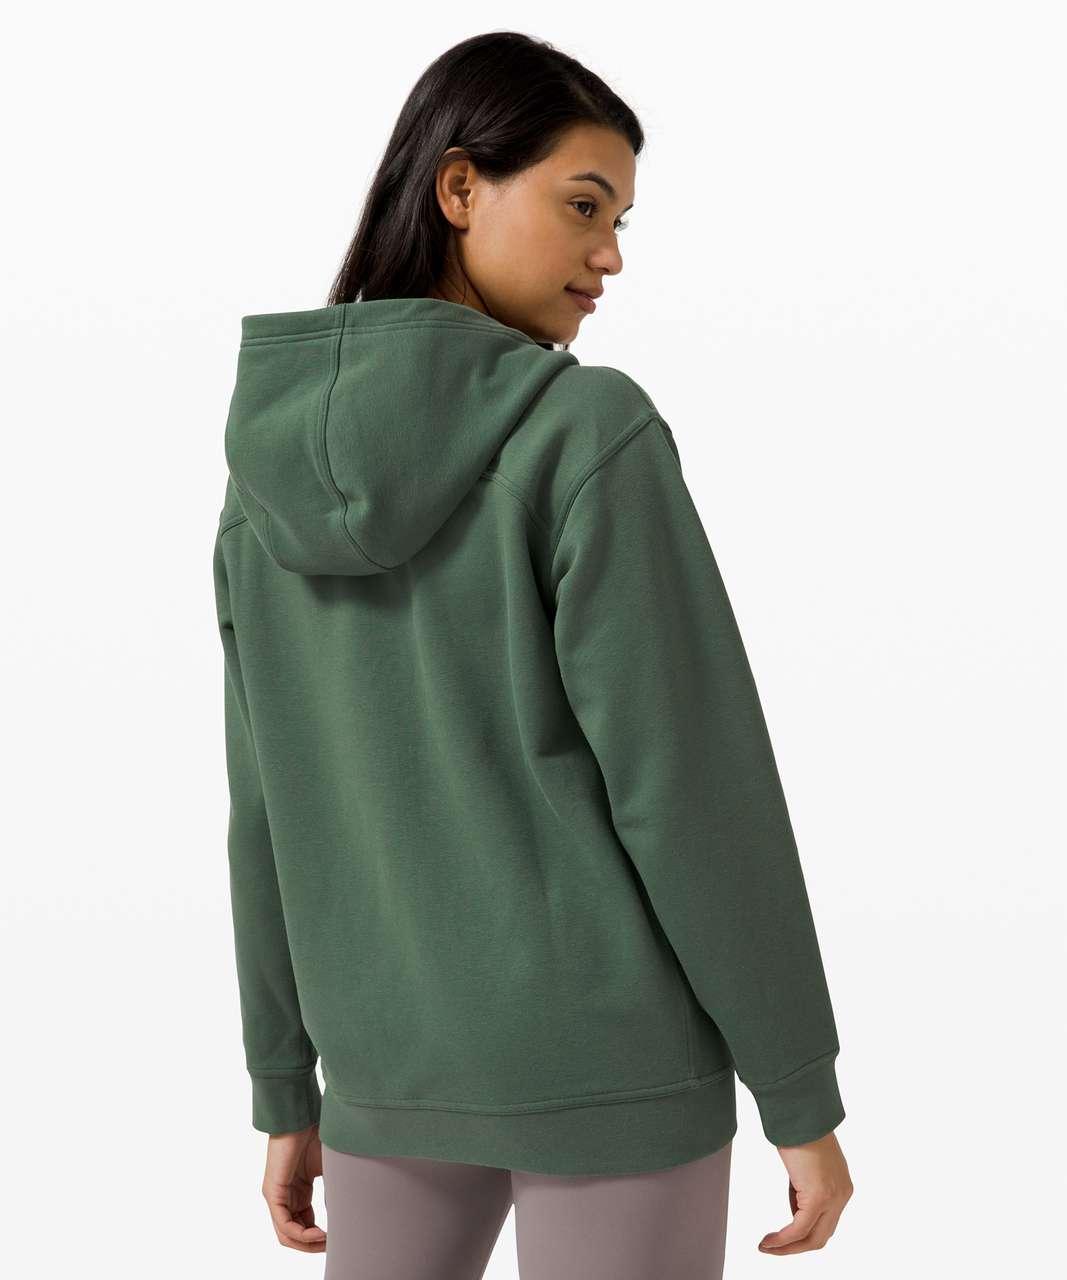 Lululemon All Yours Zip Hoodie - Algae Green